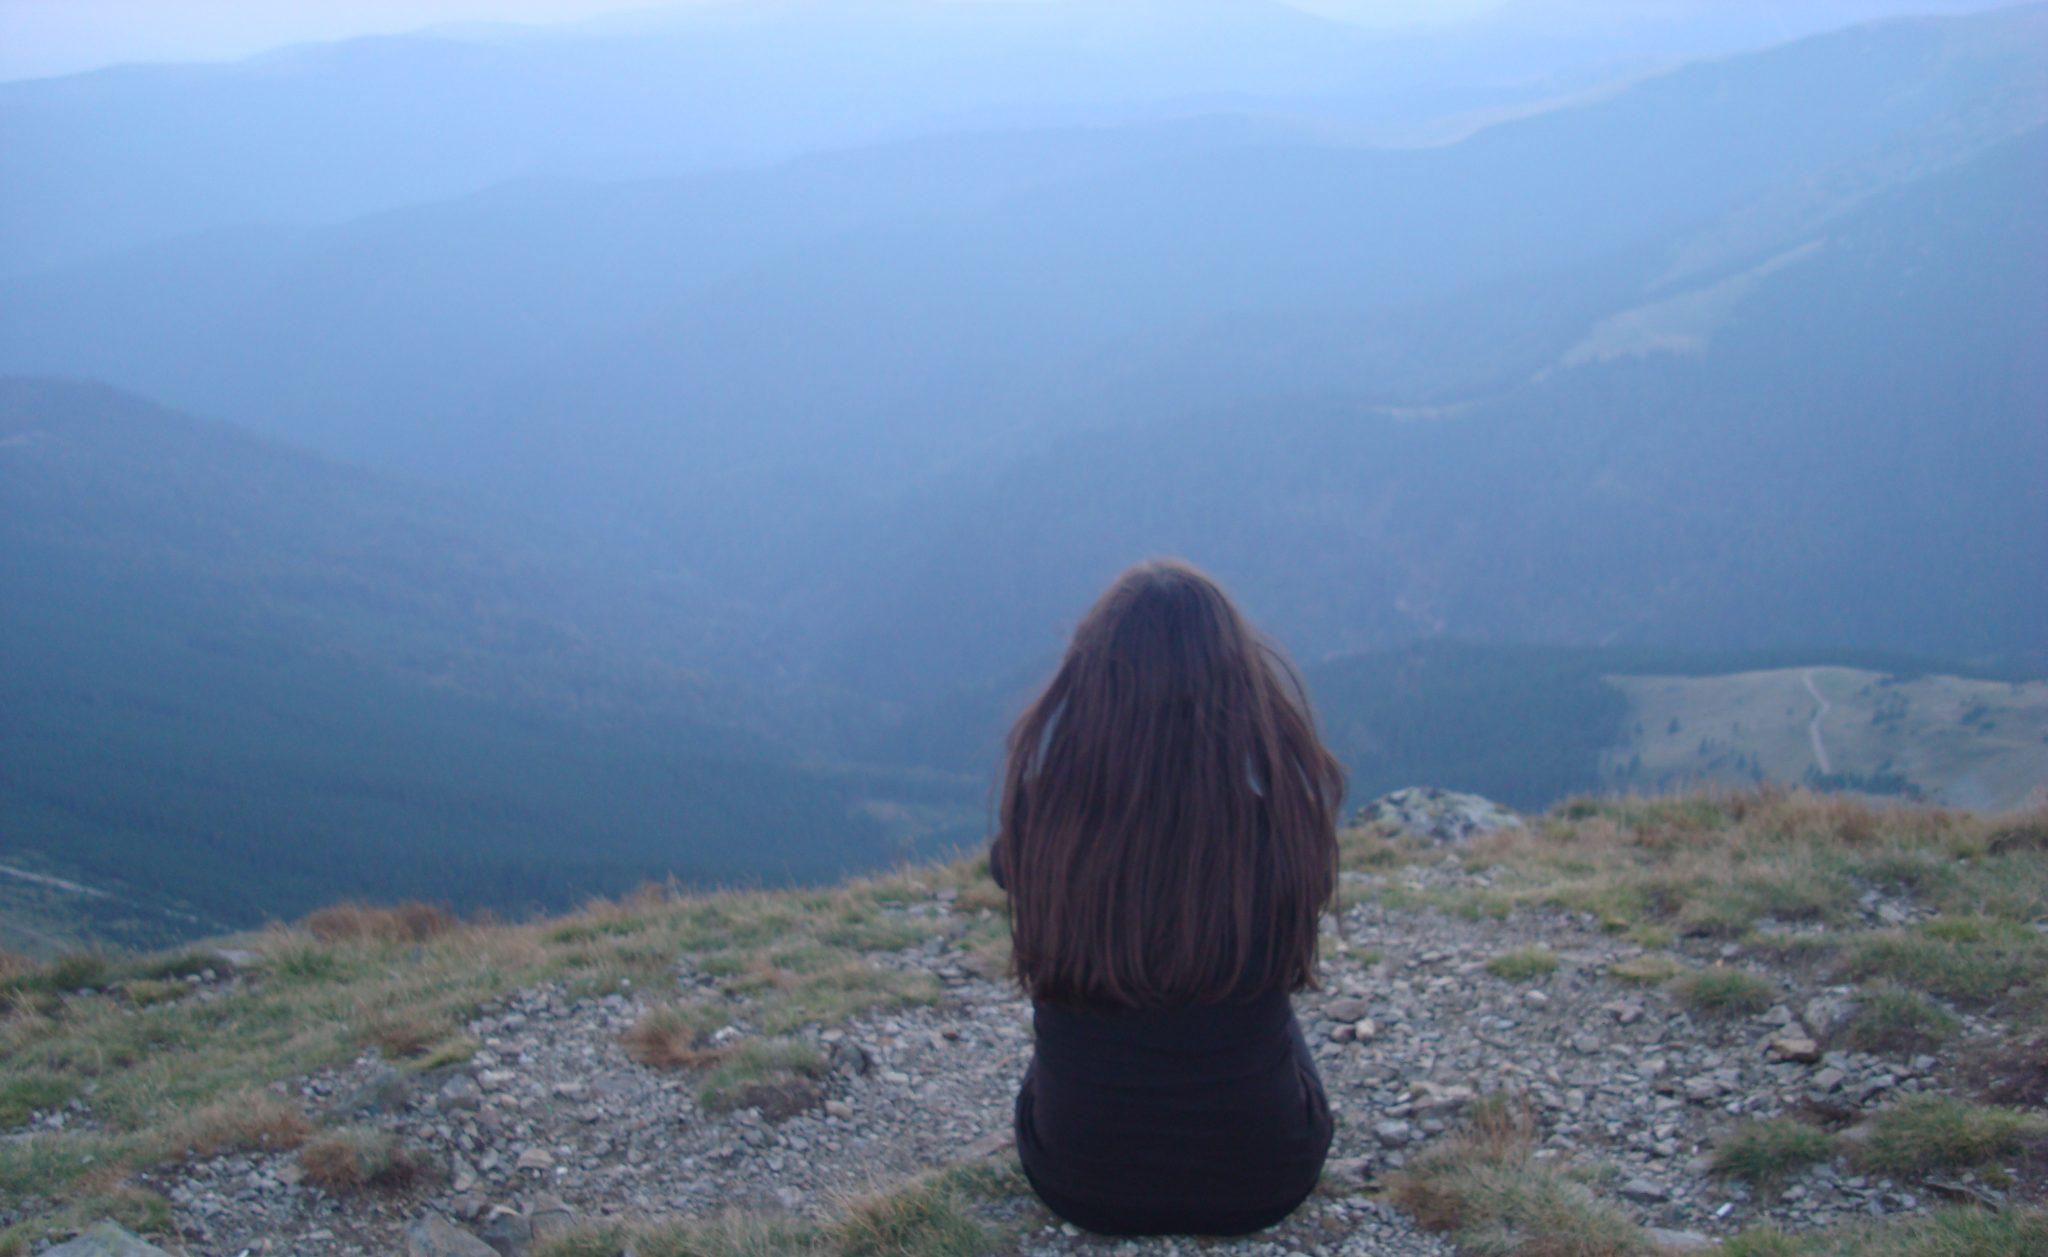 Nu voi fi niciodată fata care nu simte nimic, voi fi mereu fata care simte totul.